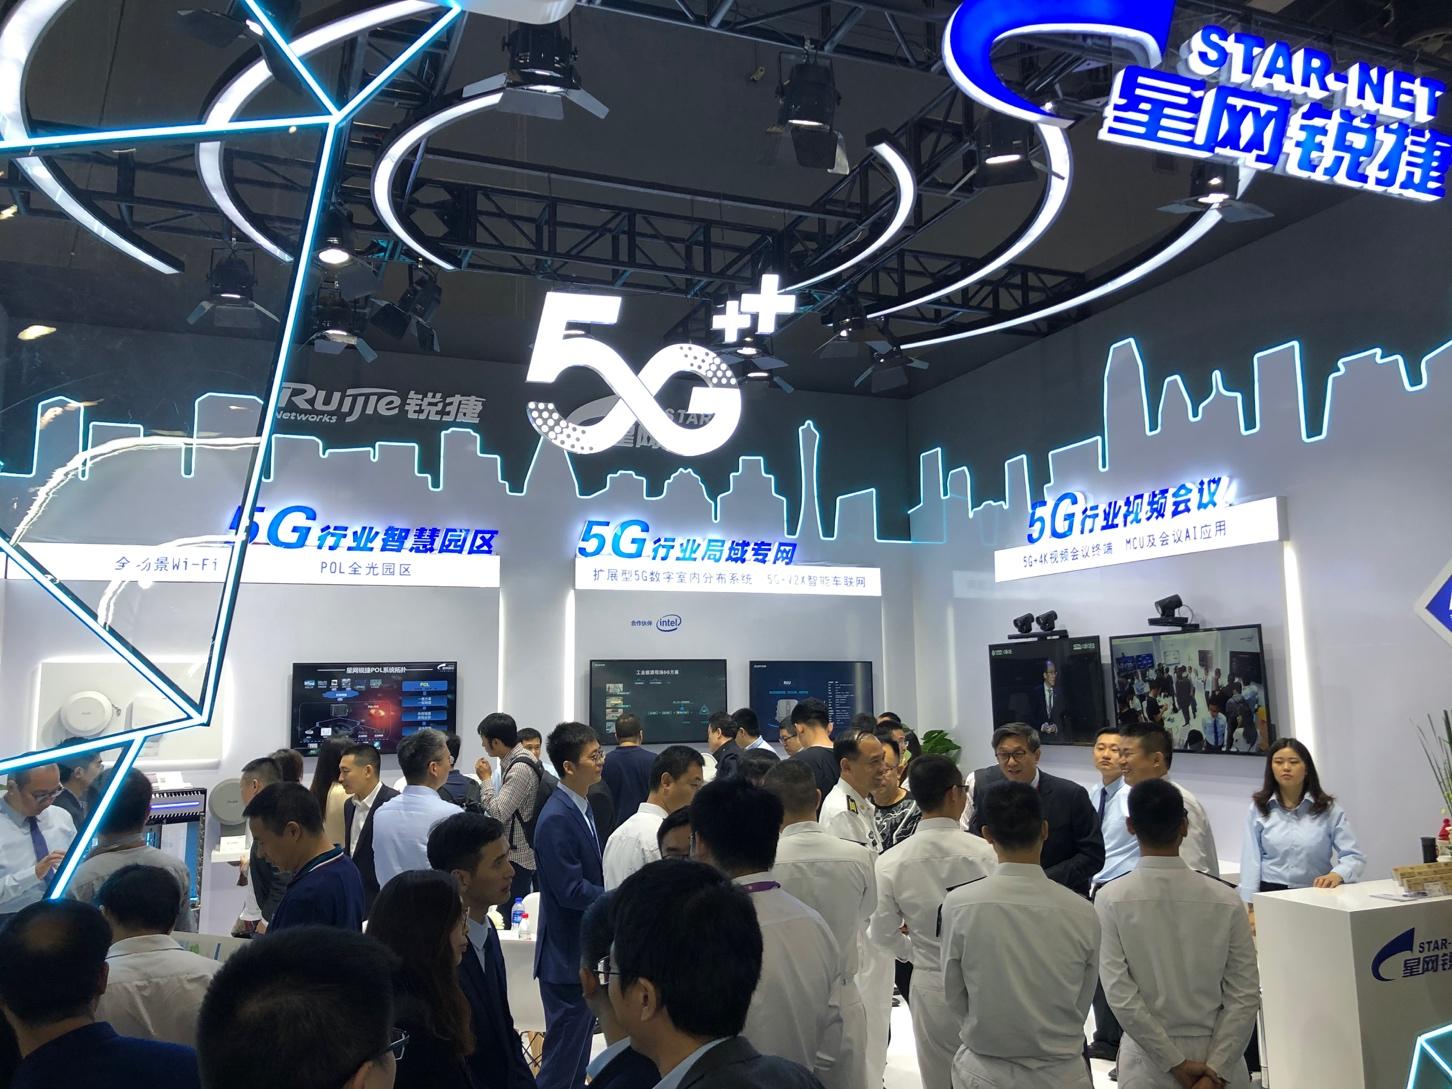 全面推动5G场景应用建设 锐捷网络亮相中国移动全球合作伙伴大会